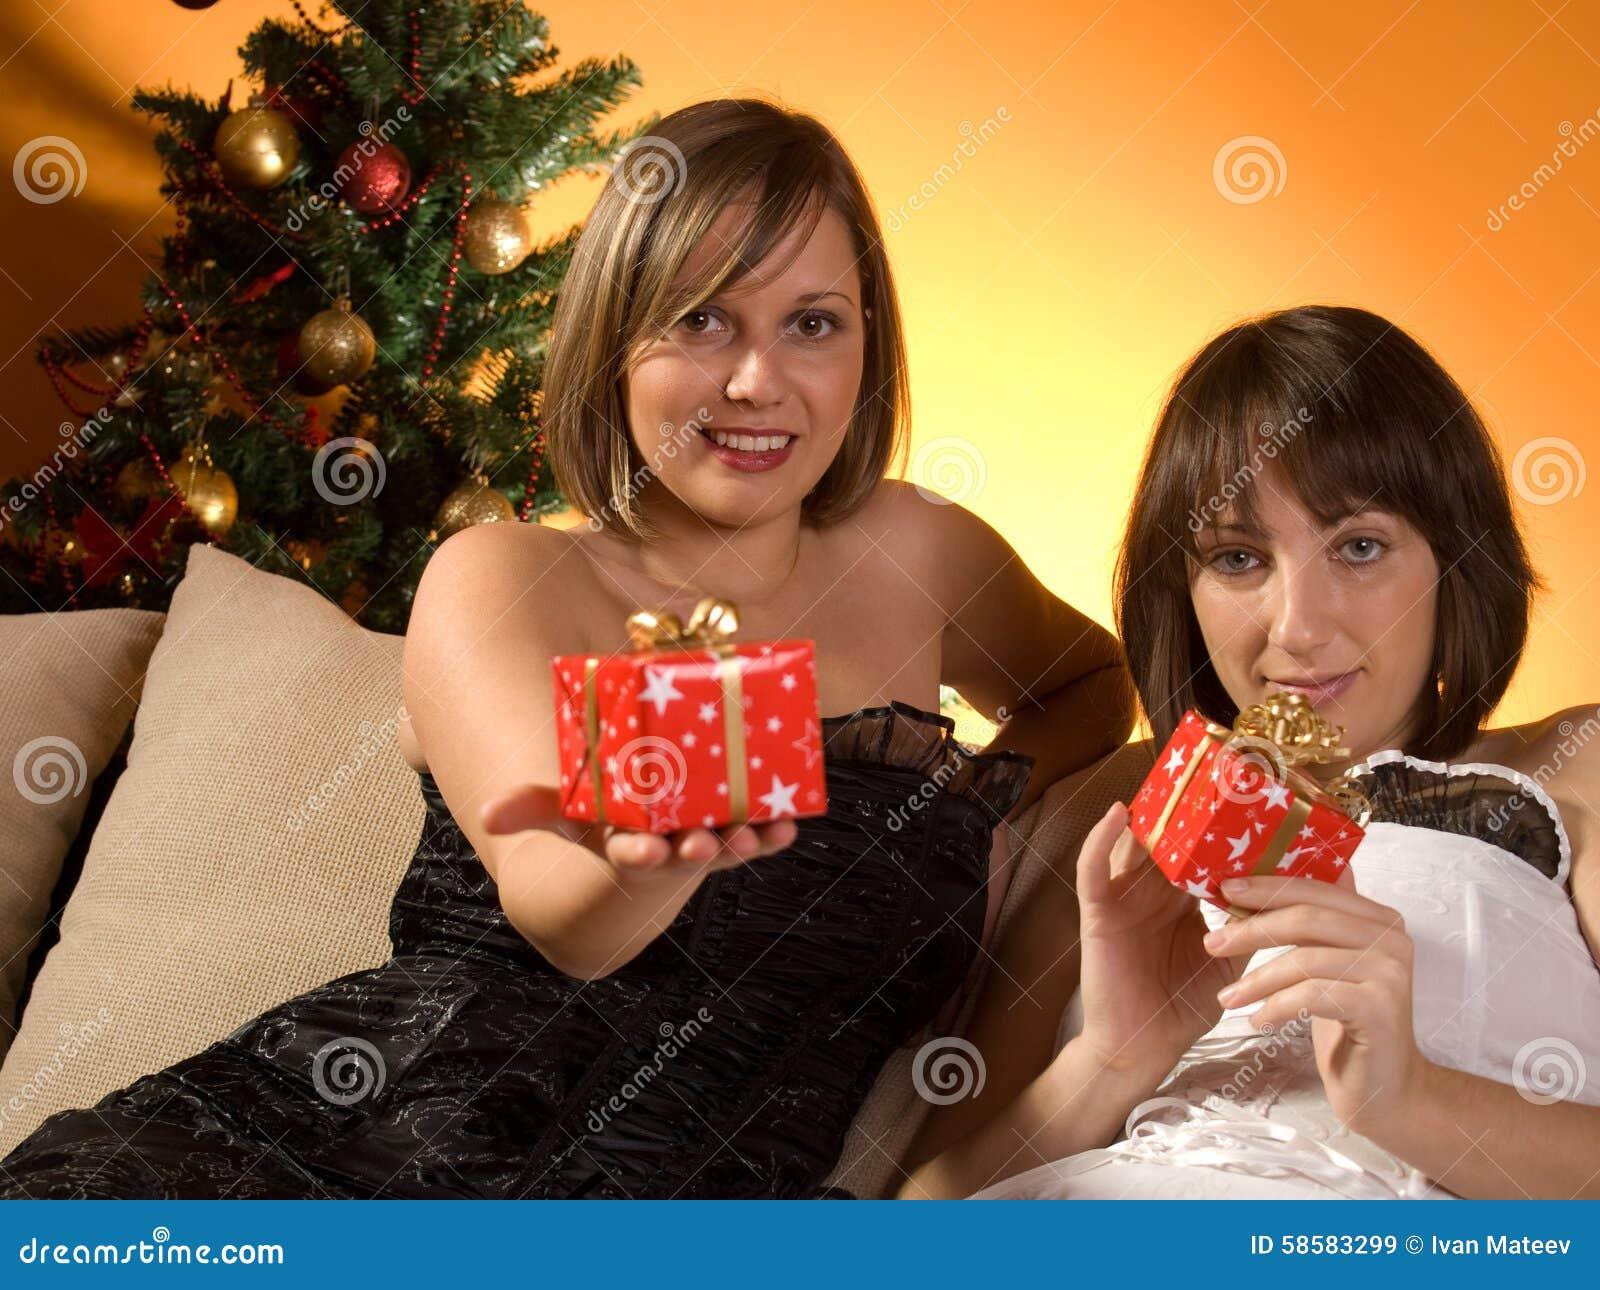 Freunde, Die Weihnachtsgeschenke Austauschen Stockbild - Bild von ...